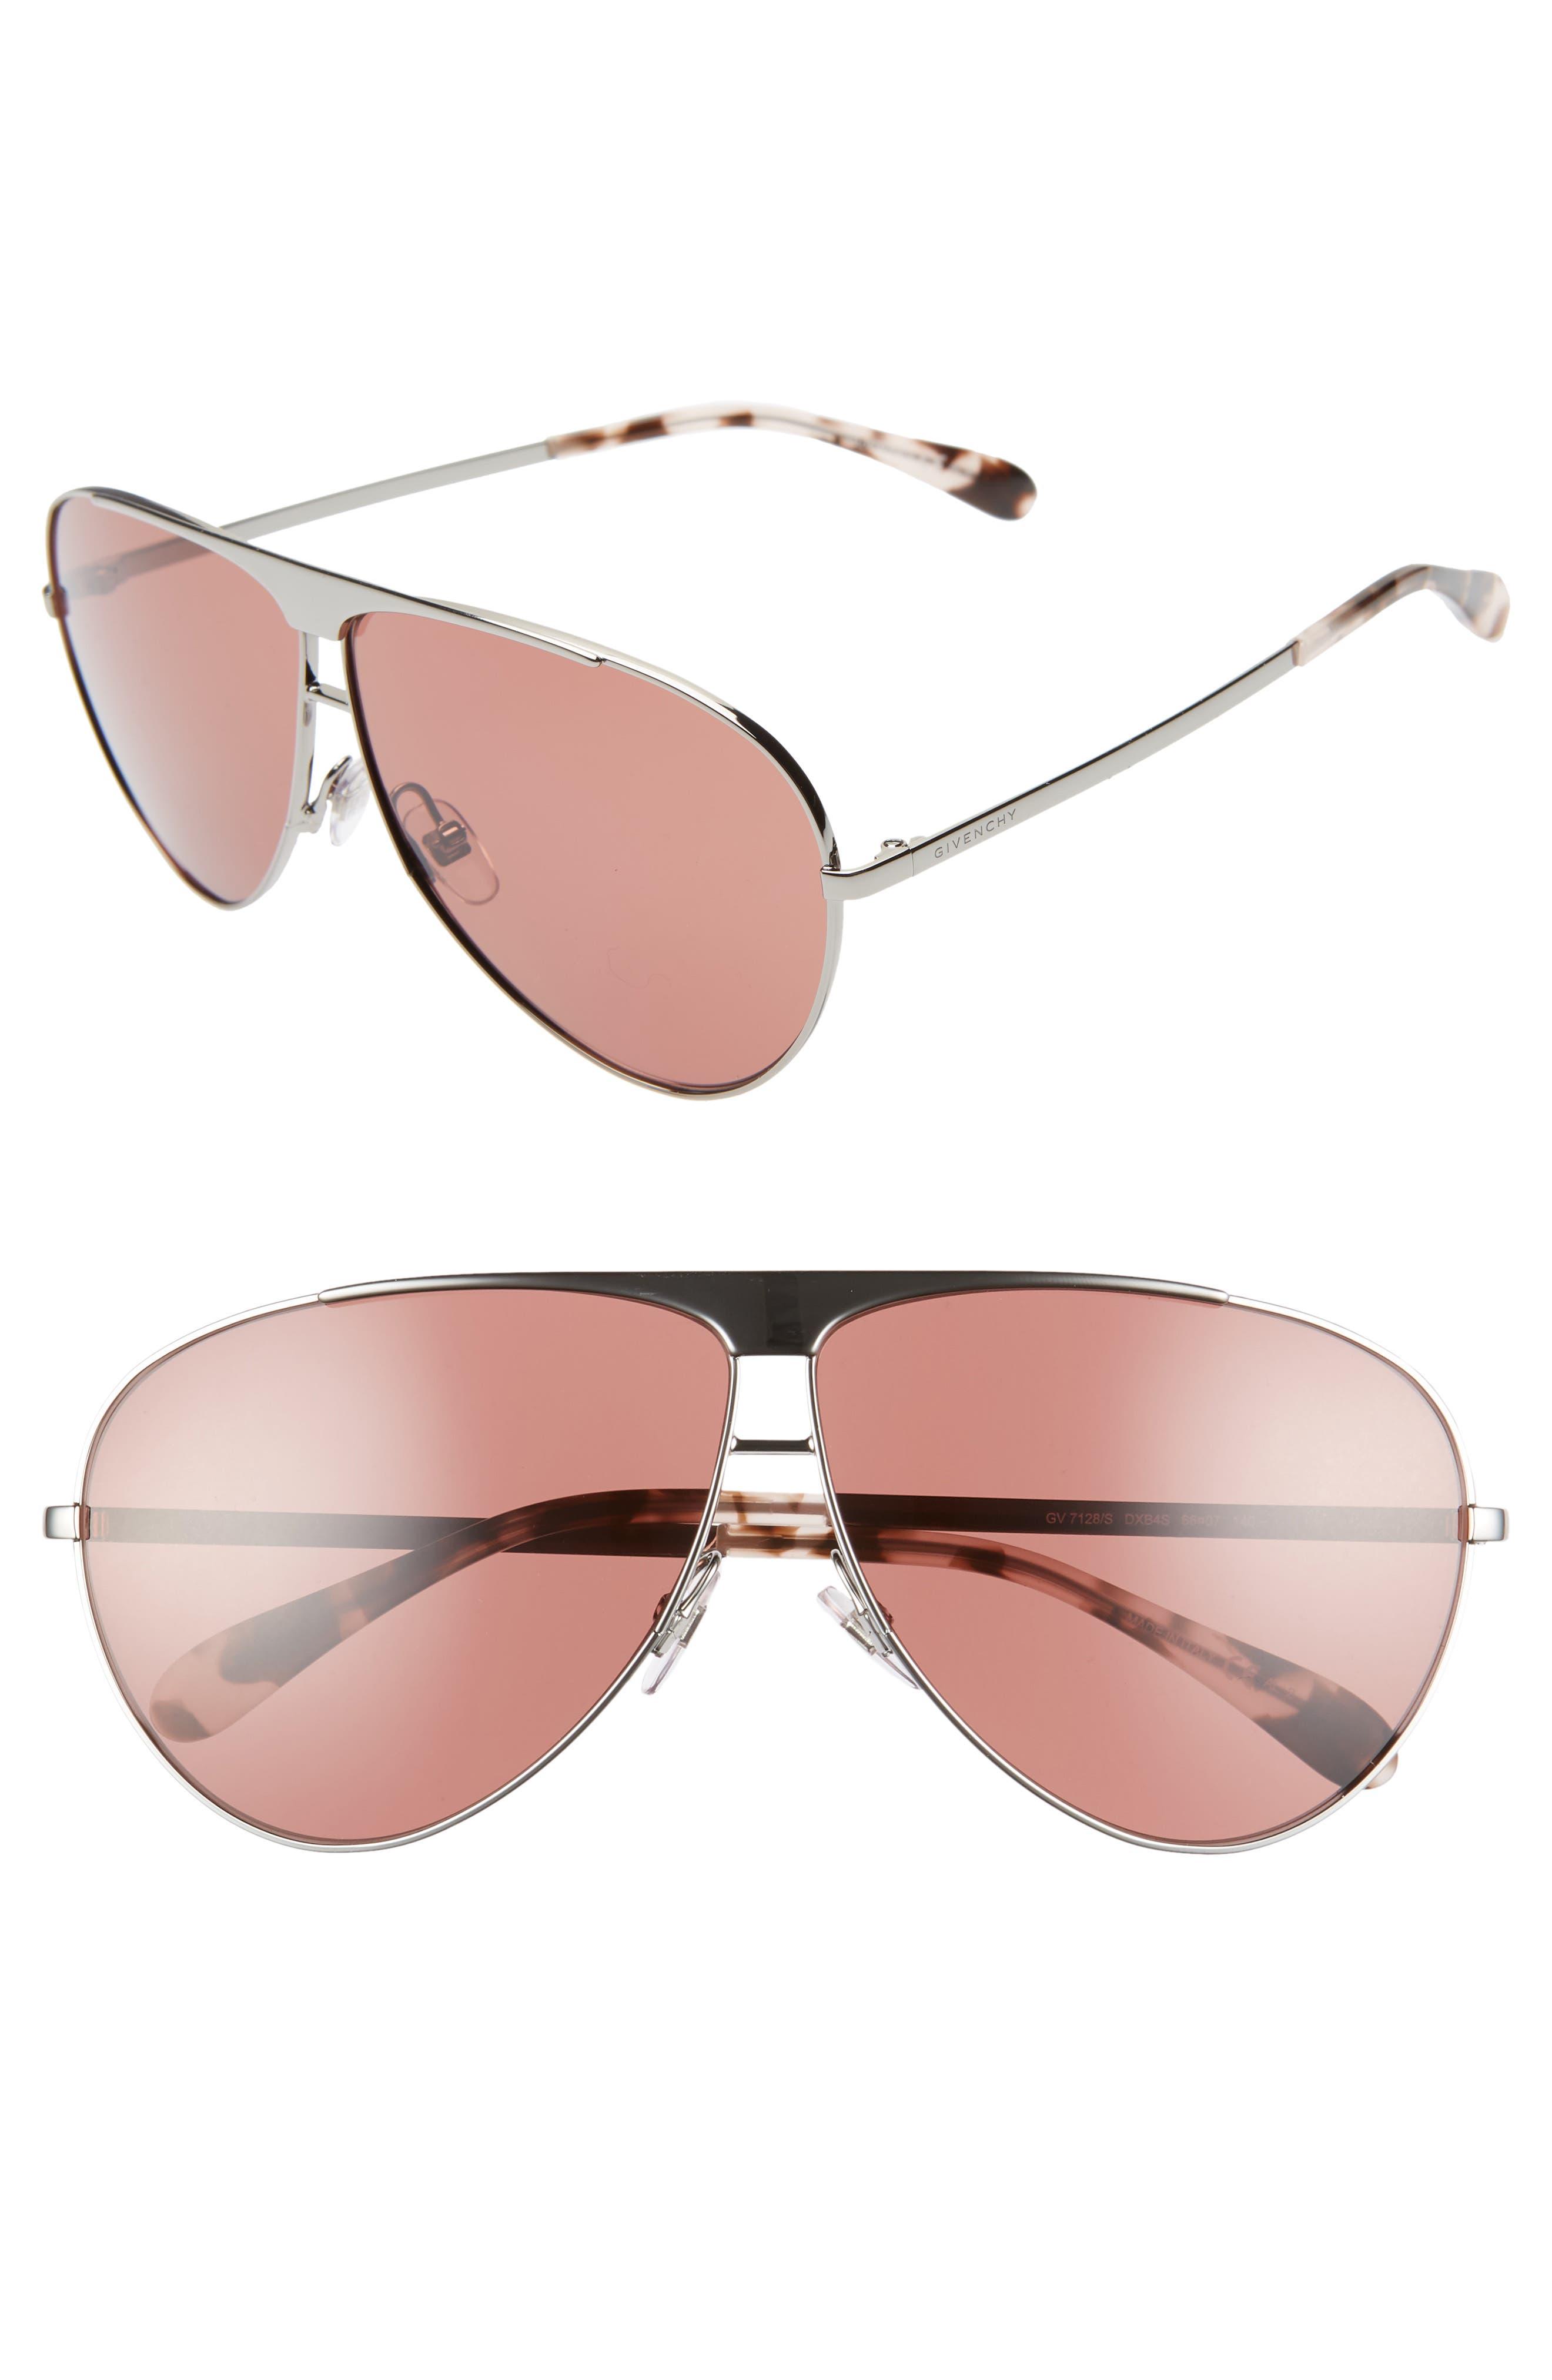 Givenchy 6m Aviator Sunglasses - Ruthenium/ Dark Red